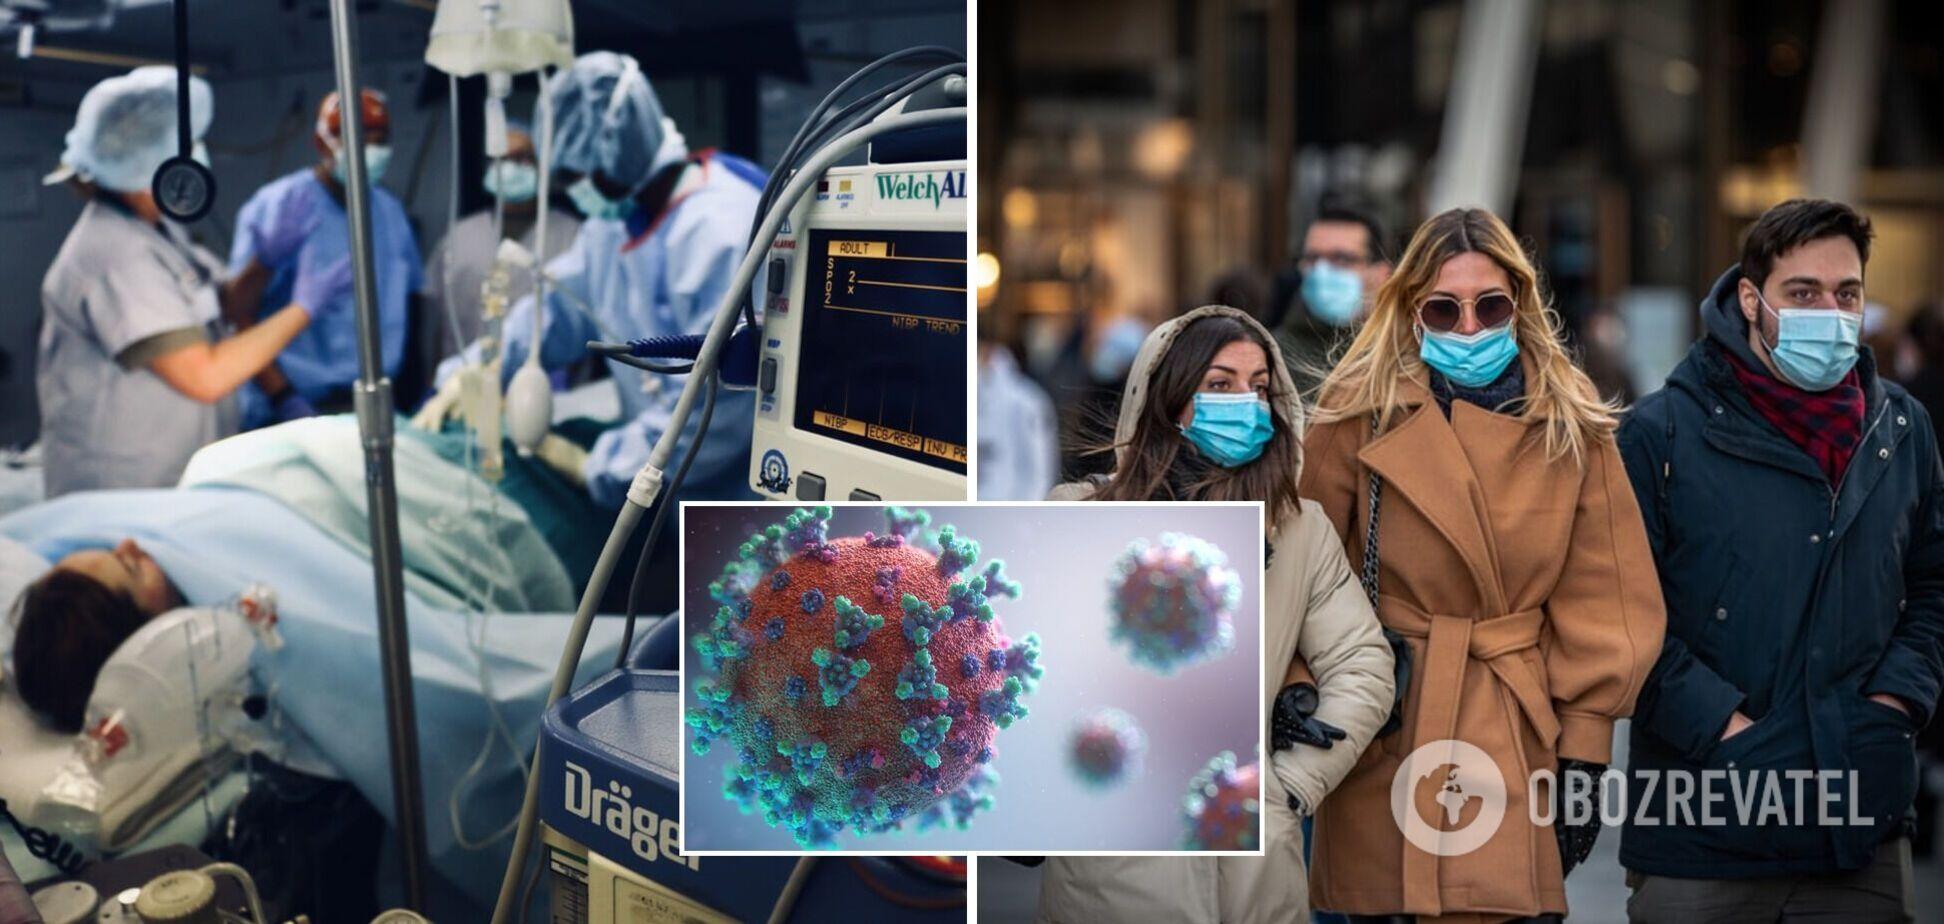 Вирус становится агрессивнее: медики рассказали о тяжелых последствиях COVID-19 и назвали группы риска